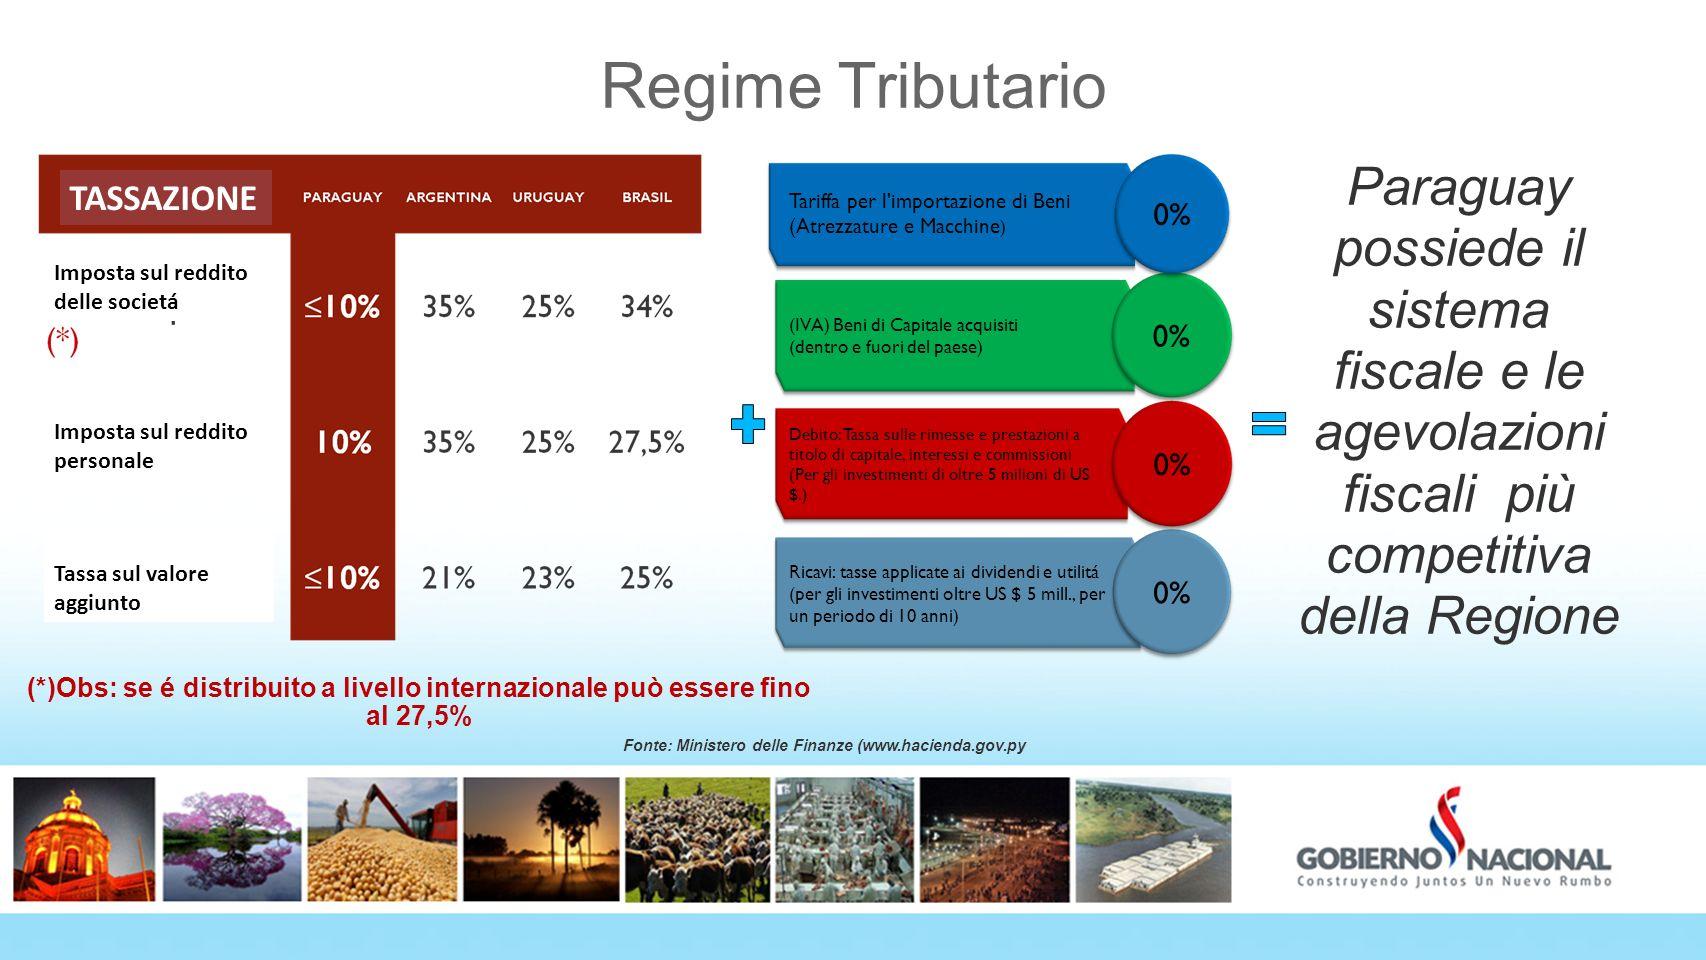 Fonte: Ministero delle Finanze (www.hacienda.gov.py